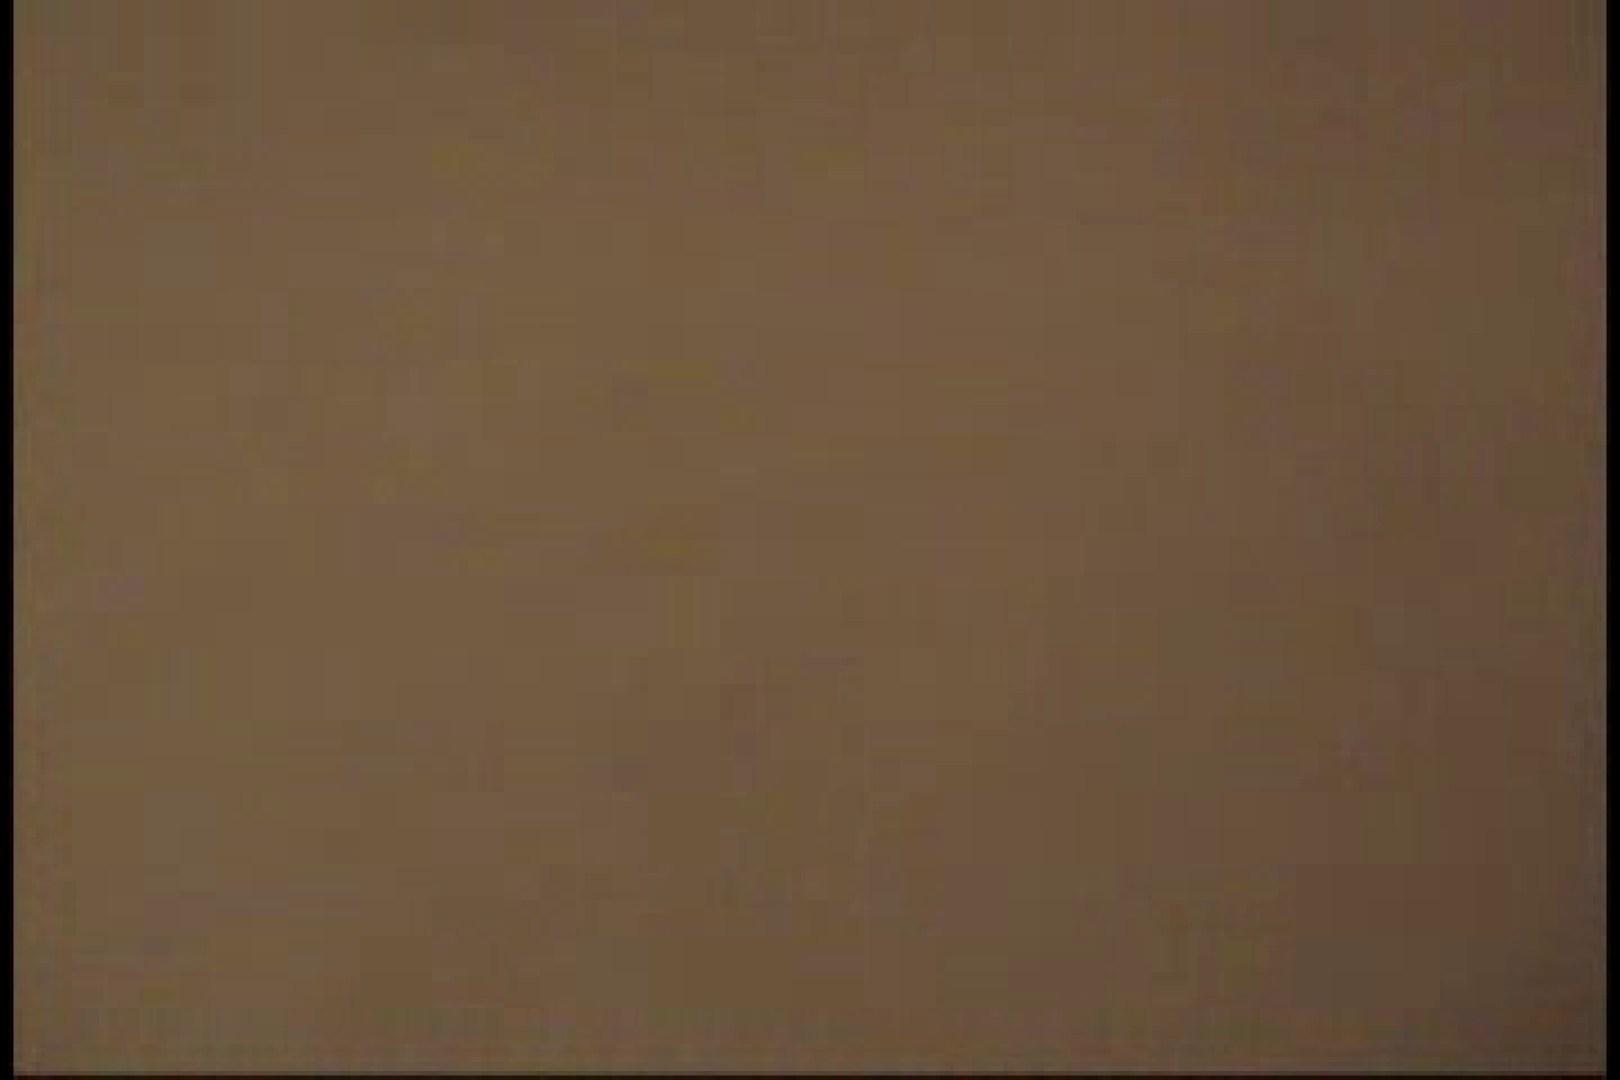 三ツ星シリーズ!!陰間茶屋独占!!第二弾!!イケメン羞恥心File.06 イケメンたち ペニス画像 108枚 32